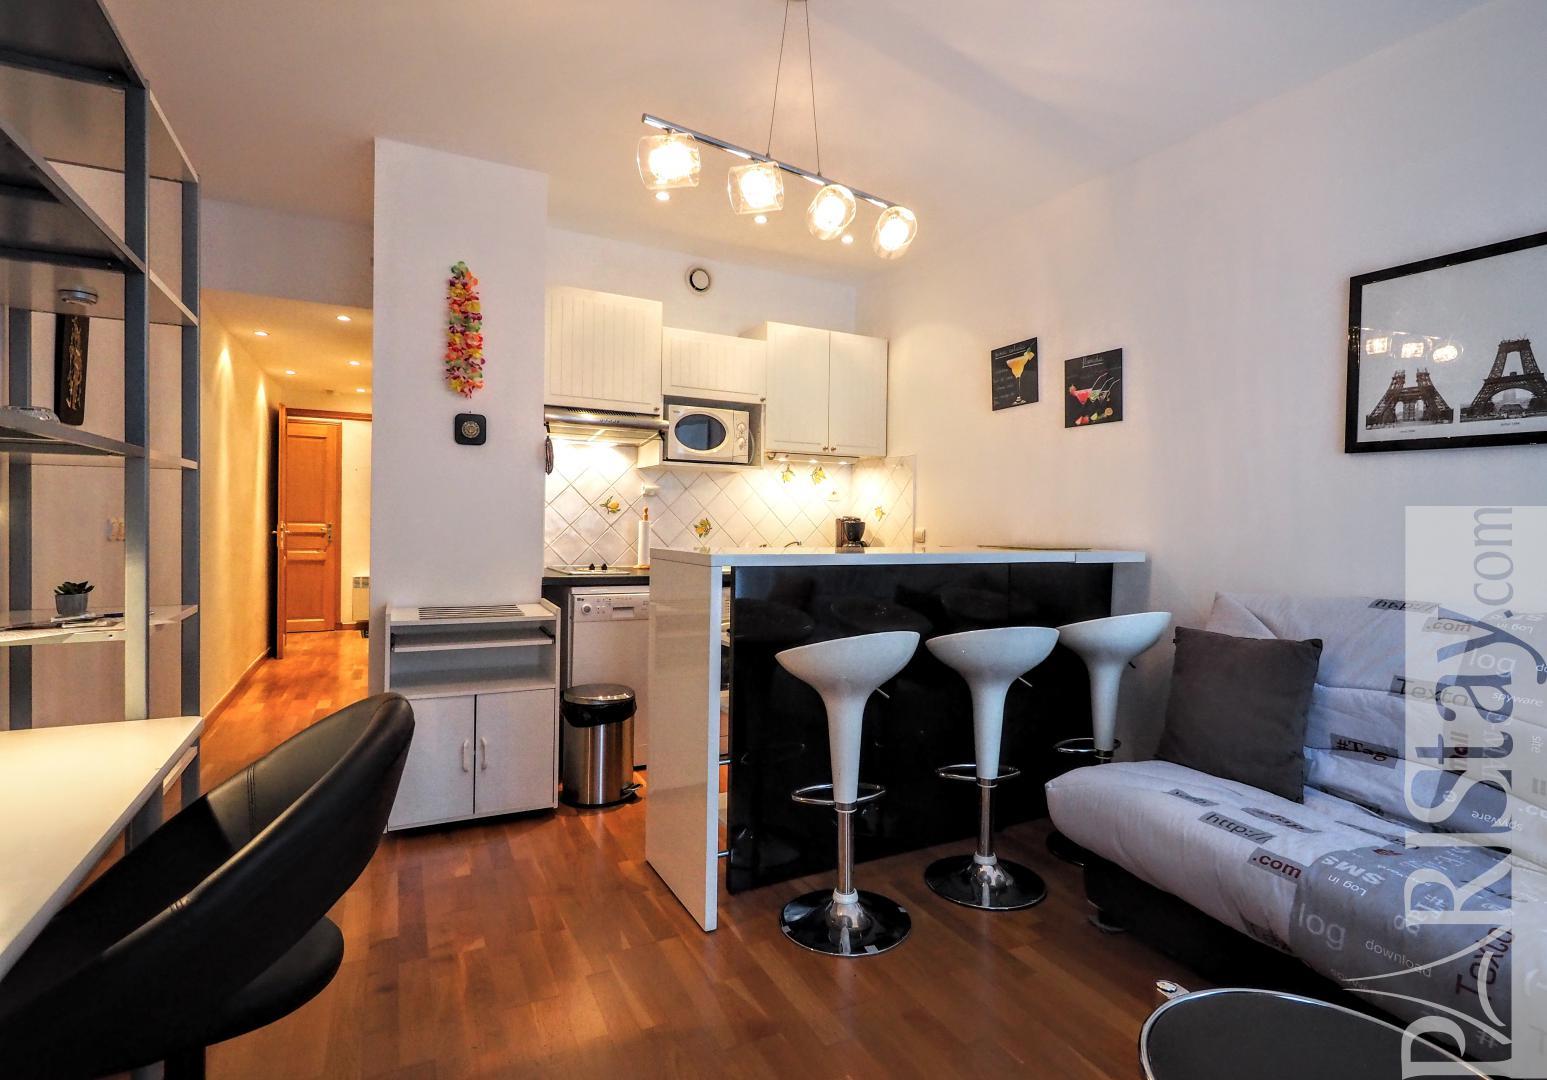 location appartement meuble paris t2 louvre